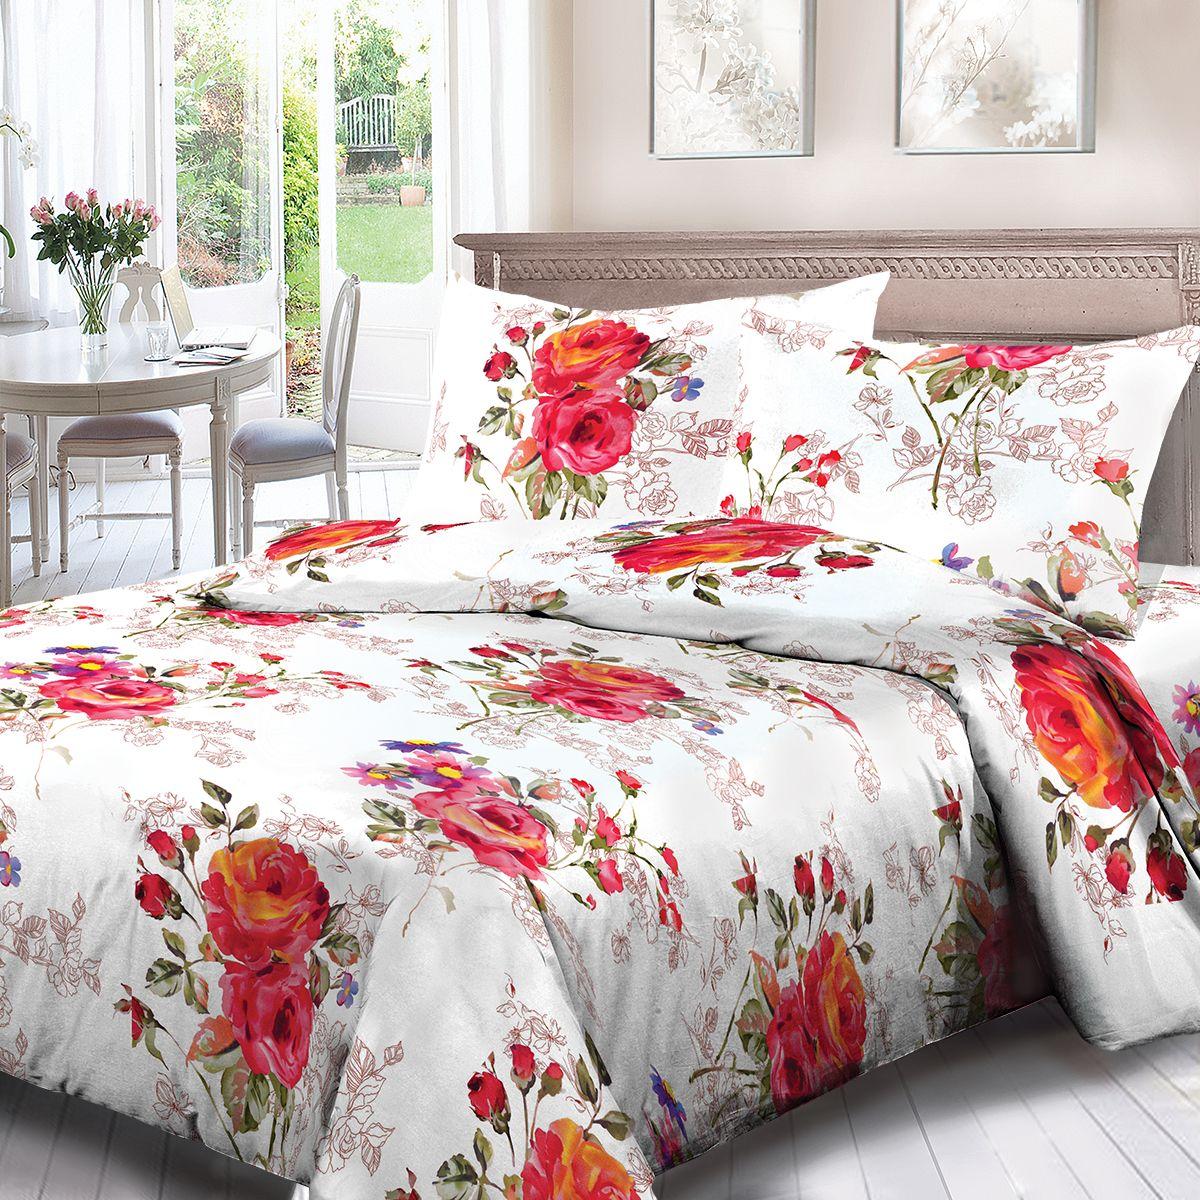 Комплект белья Для Снов Верда, 1,5 спальное, наволочки 70x70, цвет: красный. 4066-184452